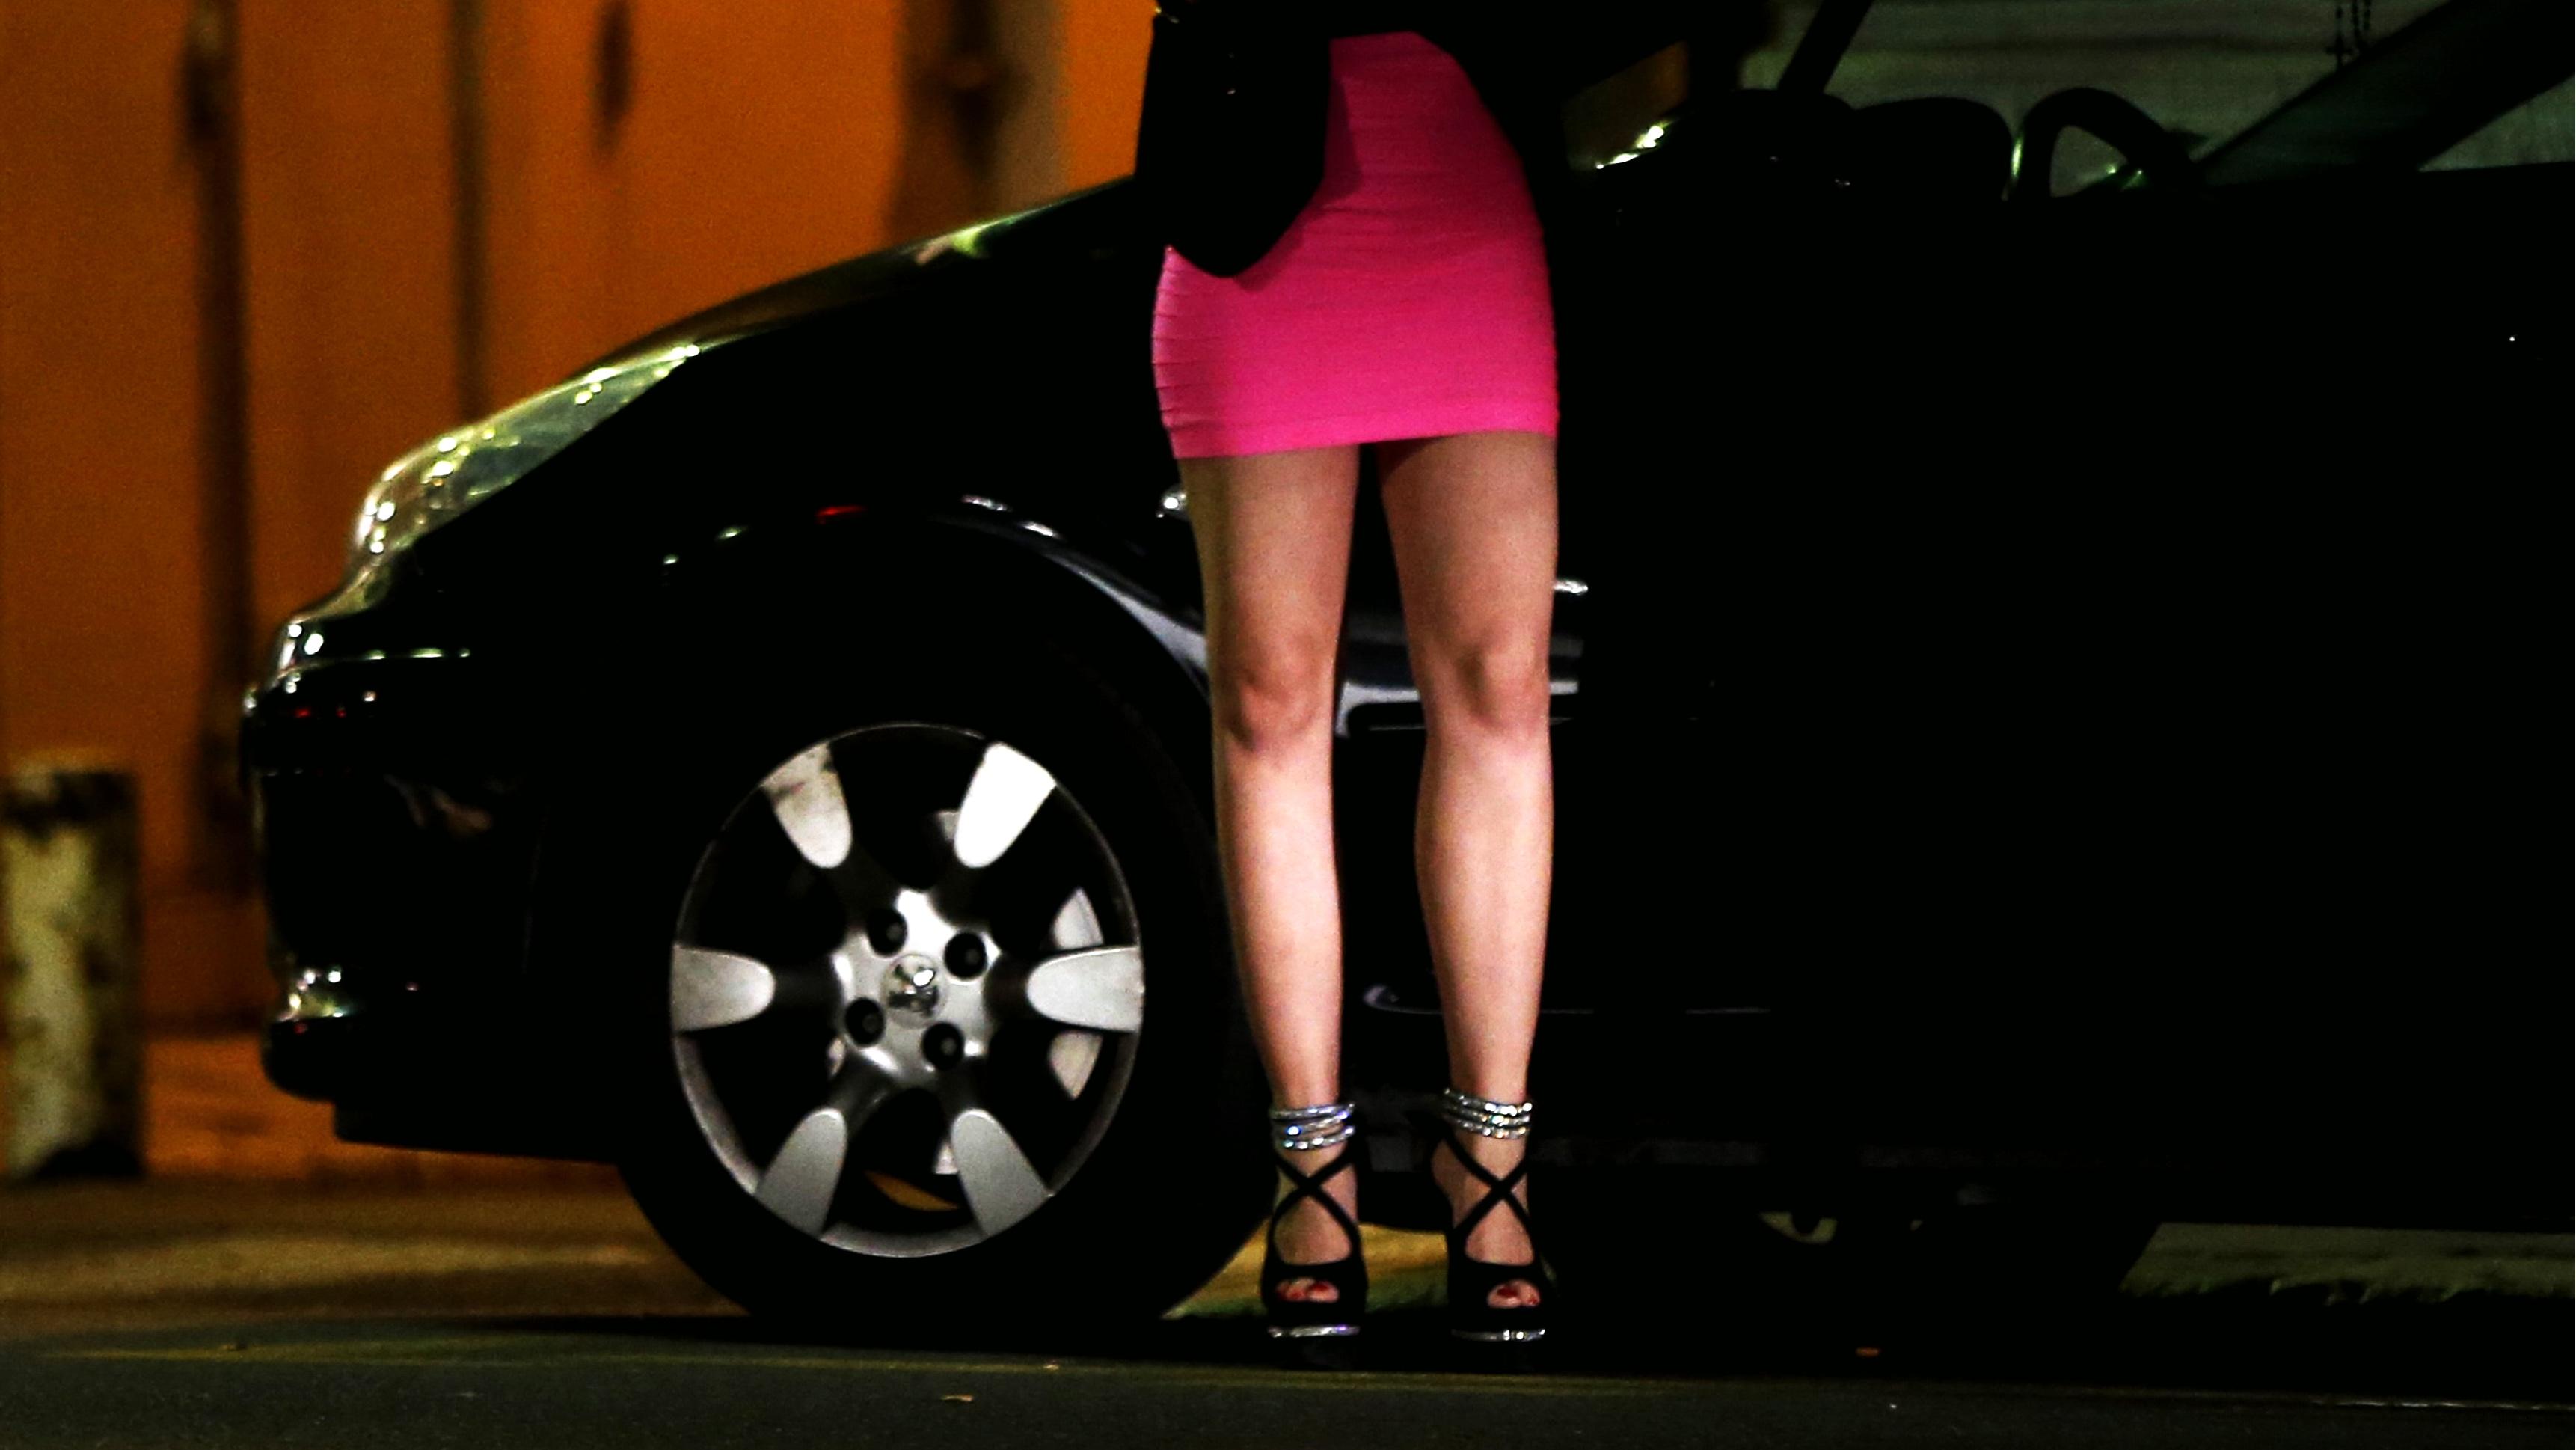 prostitucion callejera prostitutas en los angeles